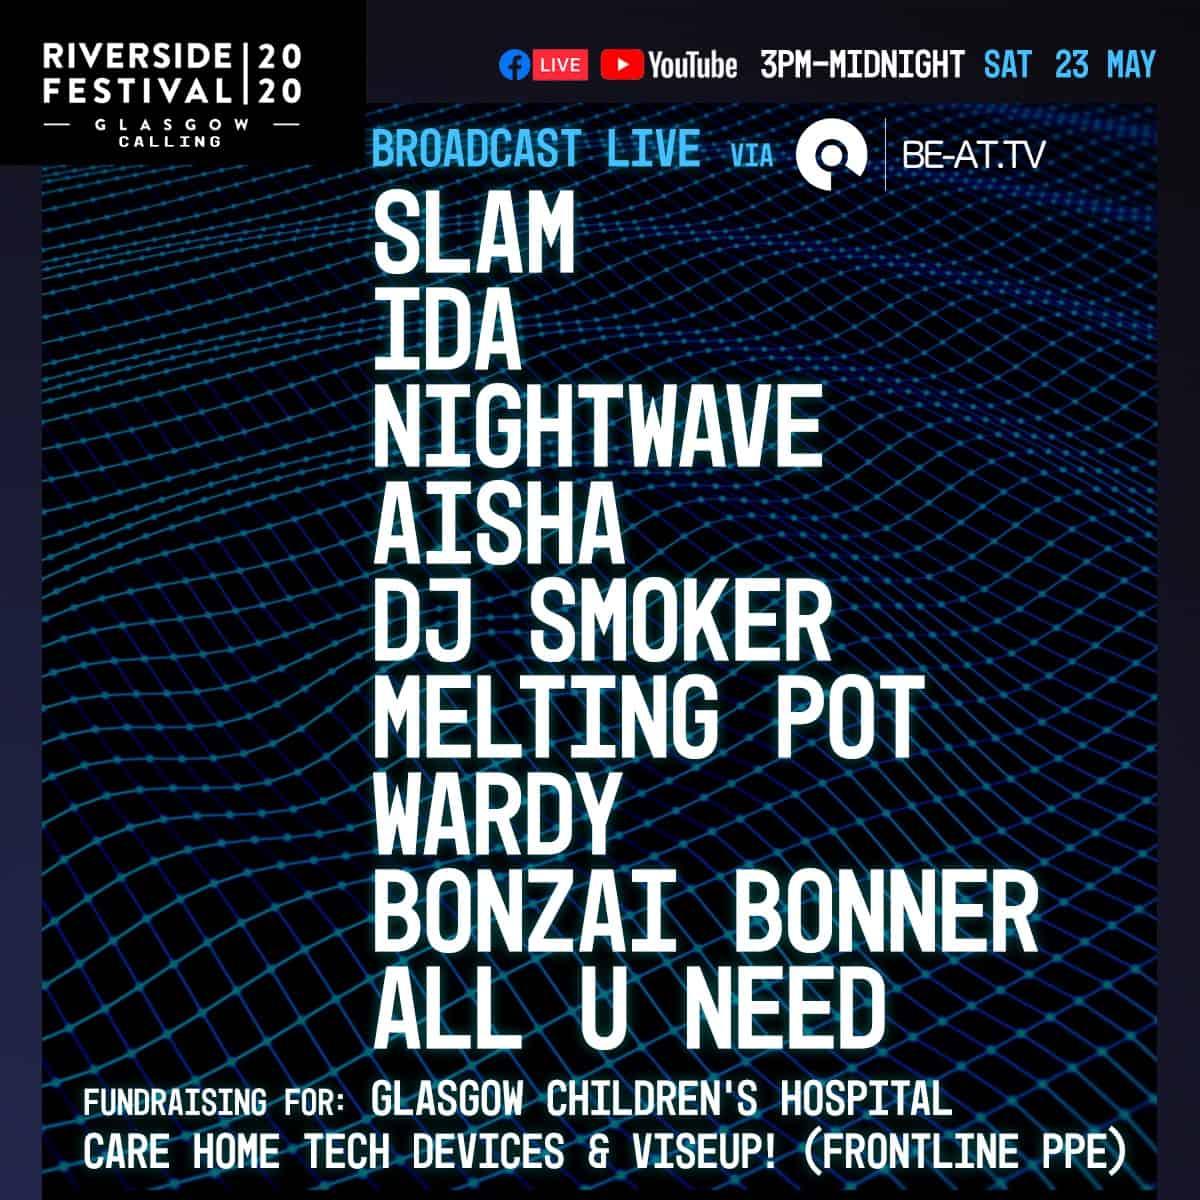 Riverside festival GLasgow fundraiser